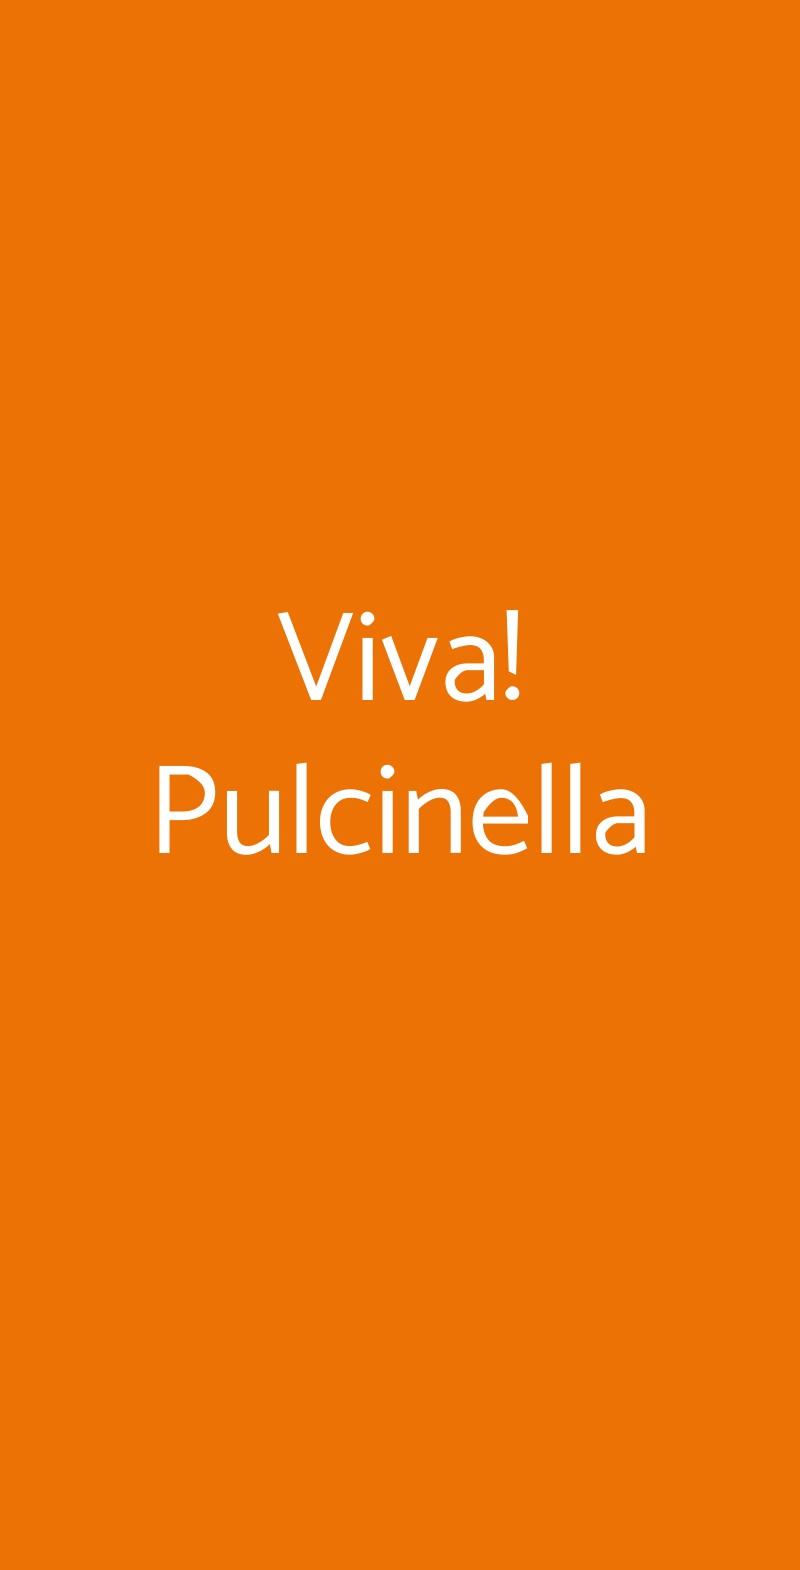 Viva! Pulcinella Avellino menù 1 pagina